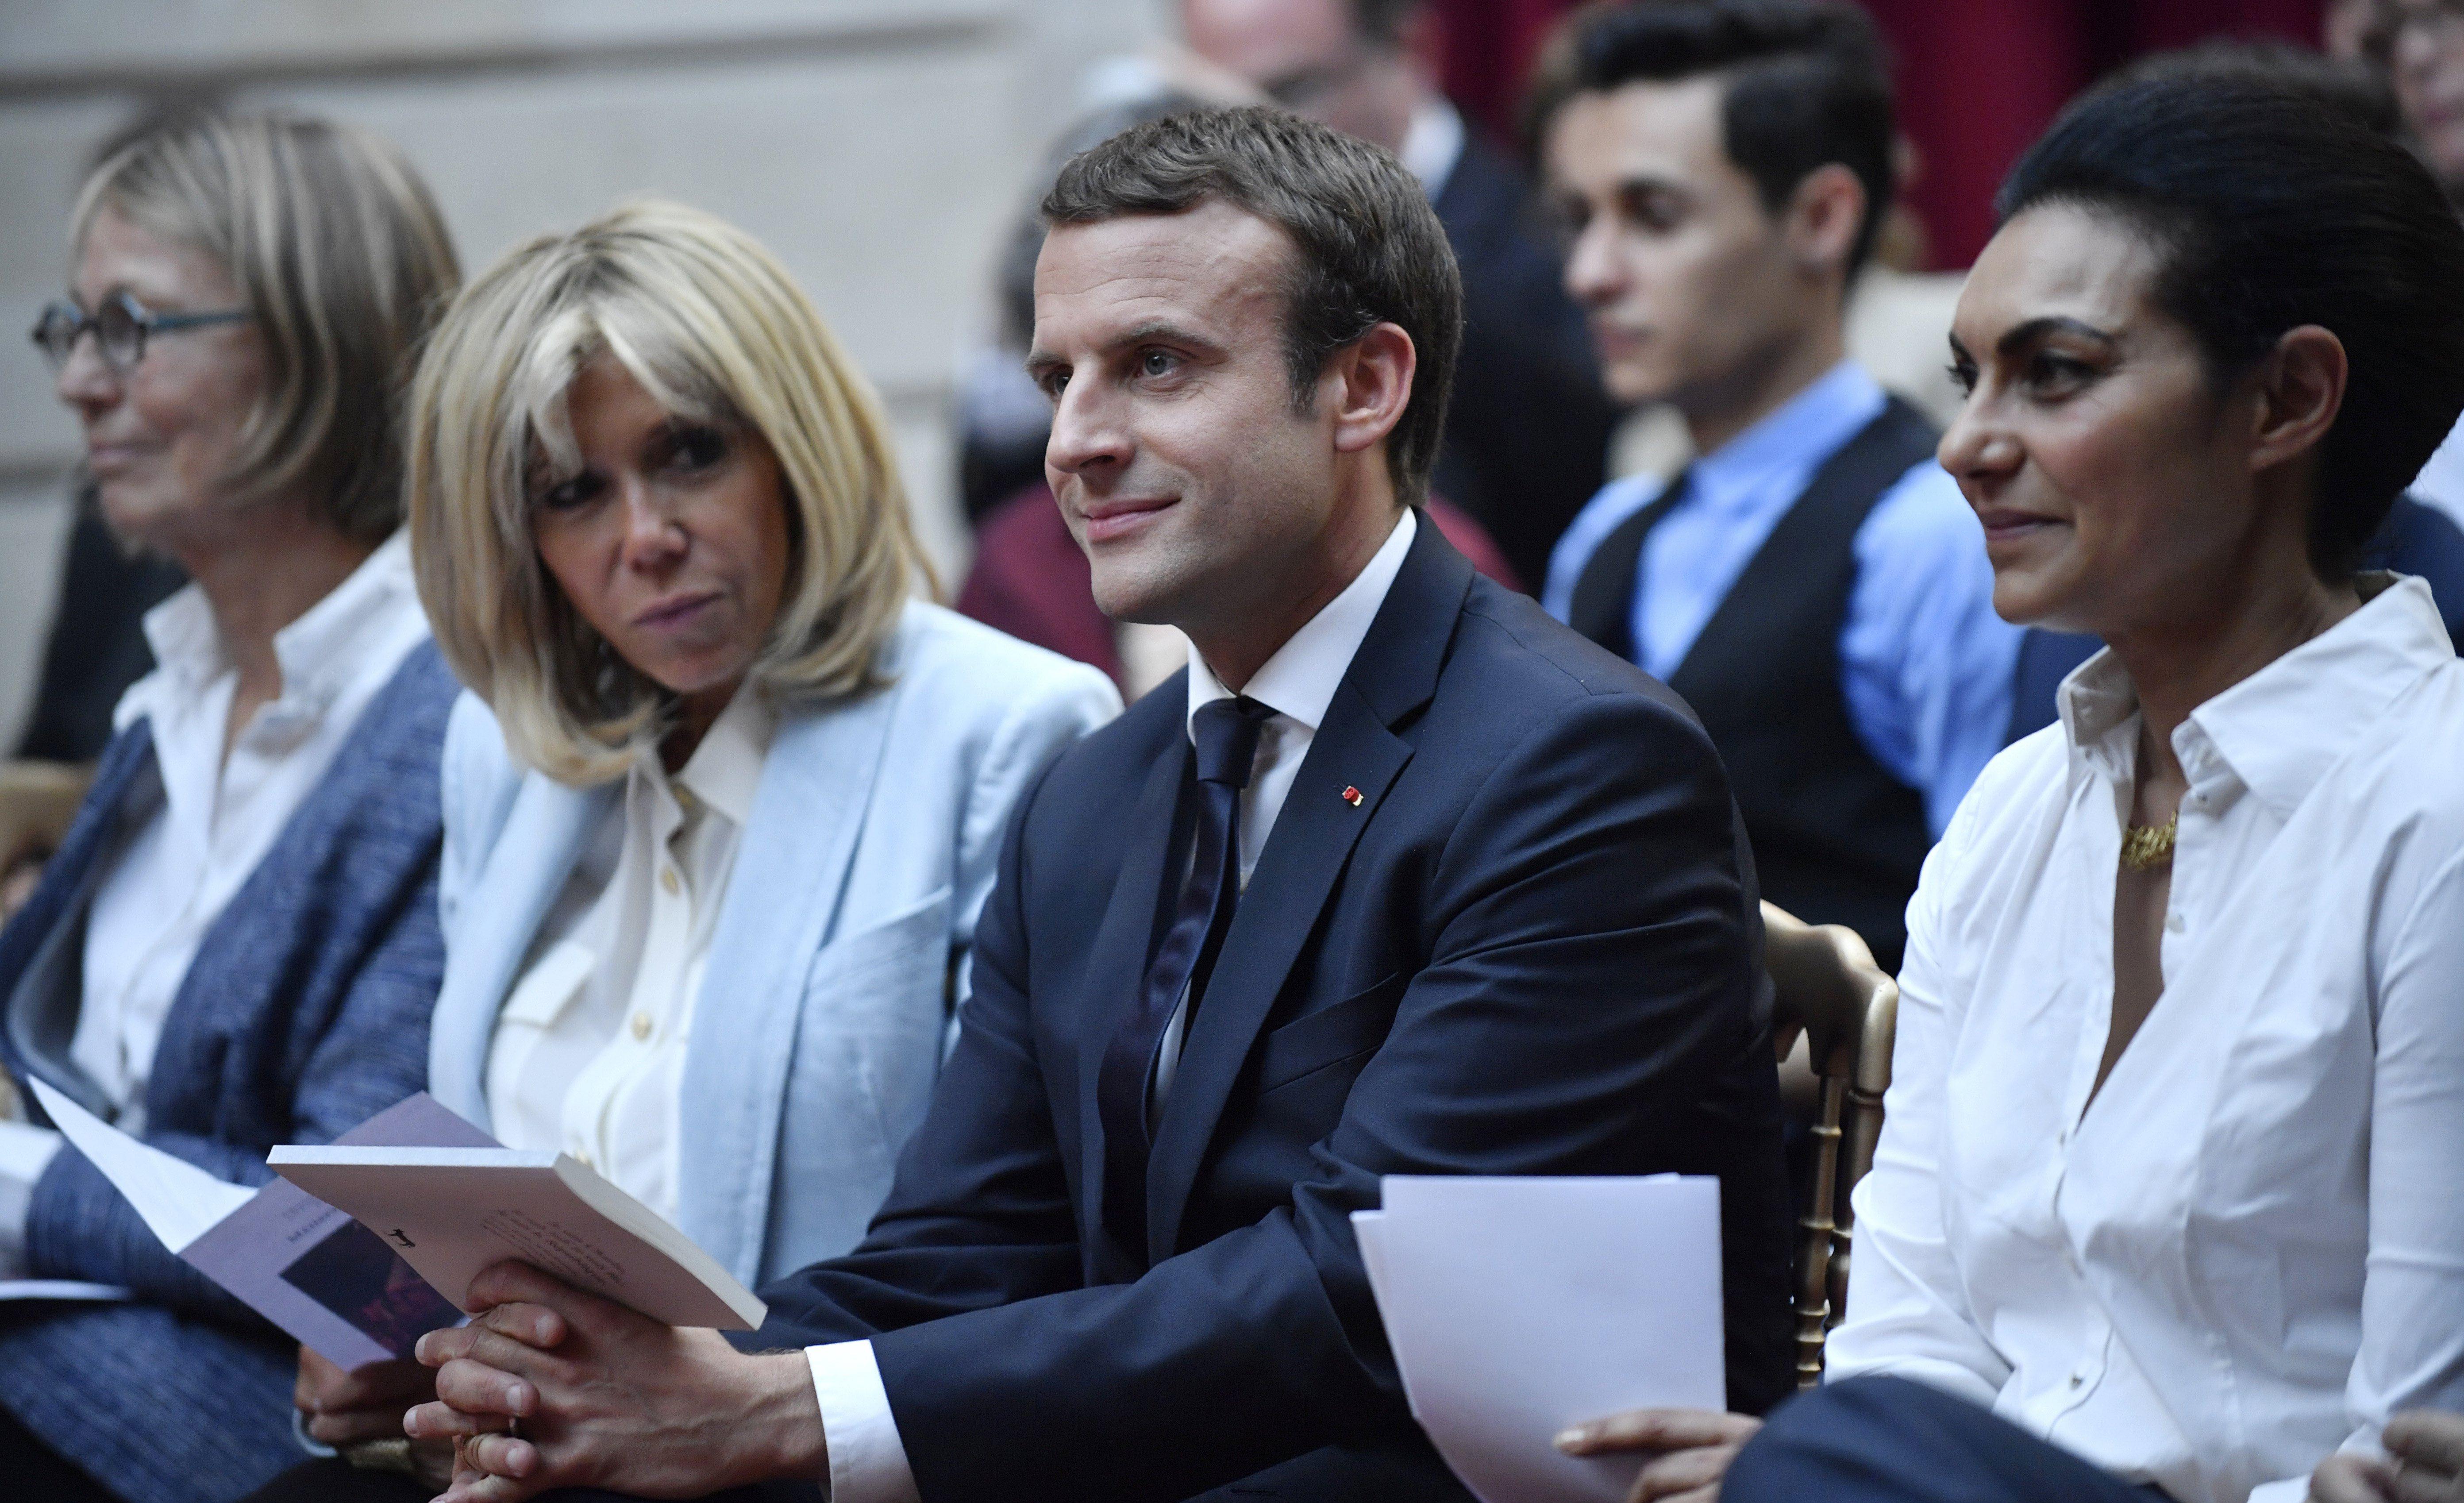 Elizejska palača Brigitte Macron odobrila službene dužnosti